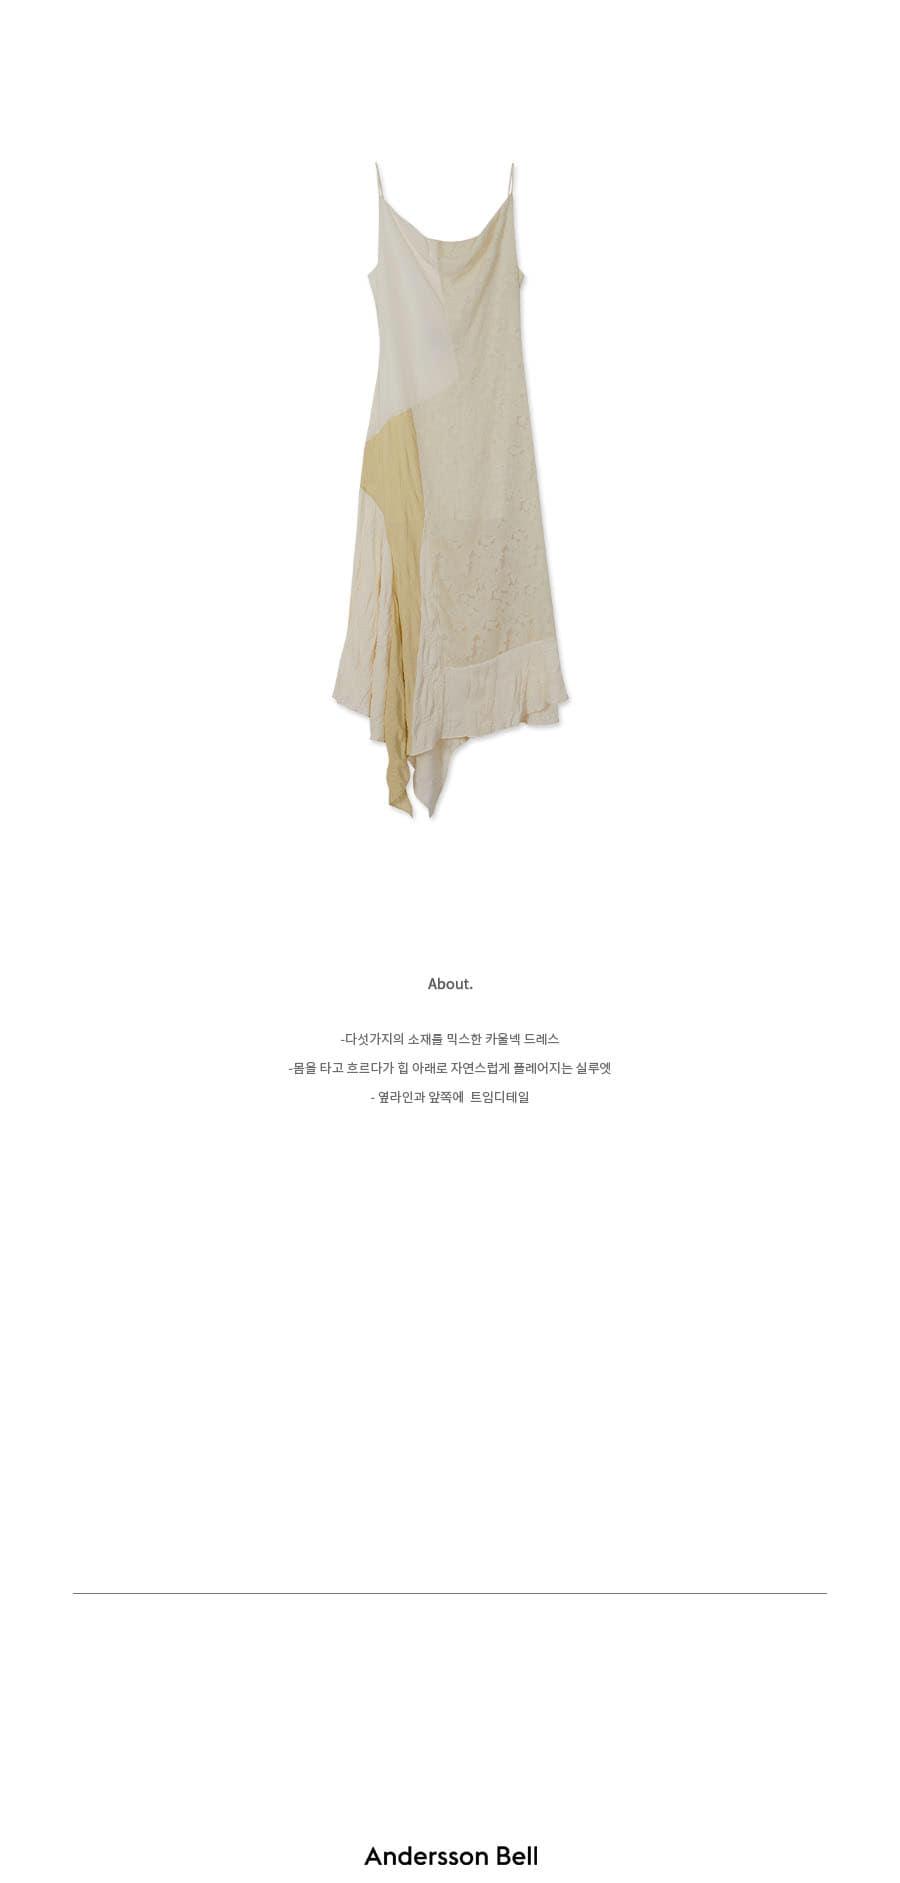 앤더슨벨 포 우먼(ANDERSSON BELL for WOMEN) 가브리엘 카울넥 드레스 atb581w(ECRU)